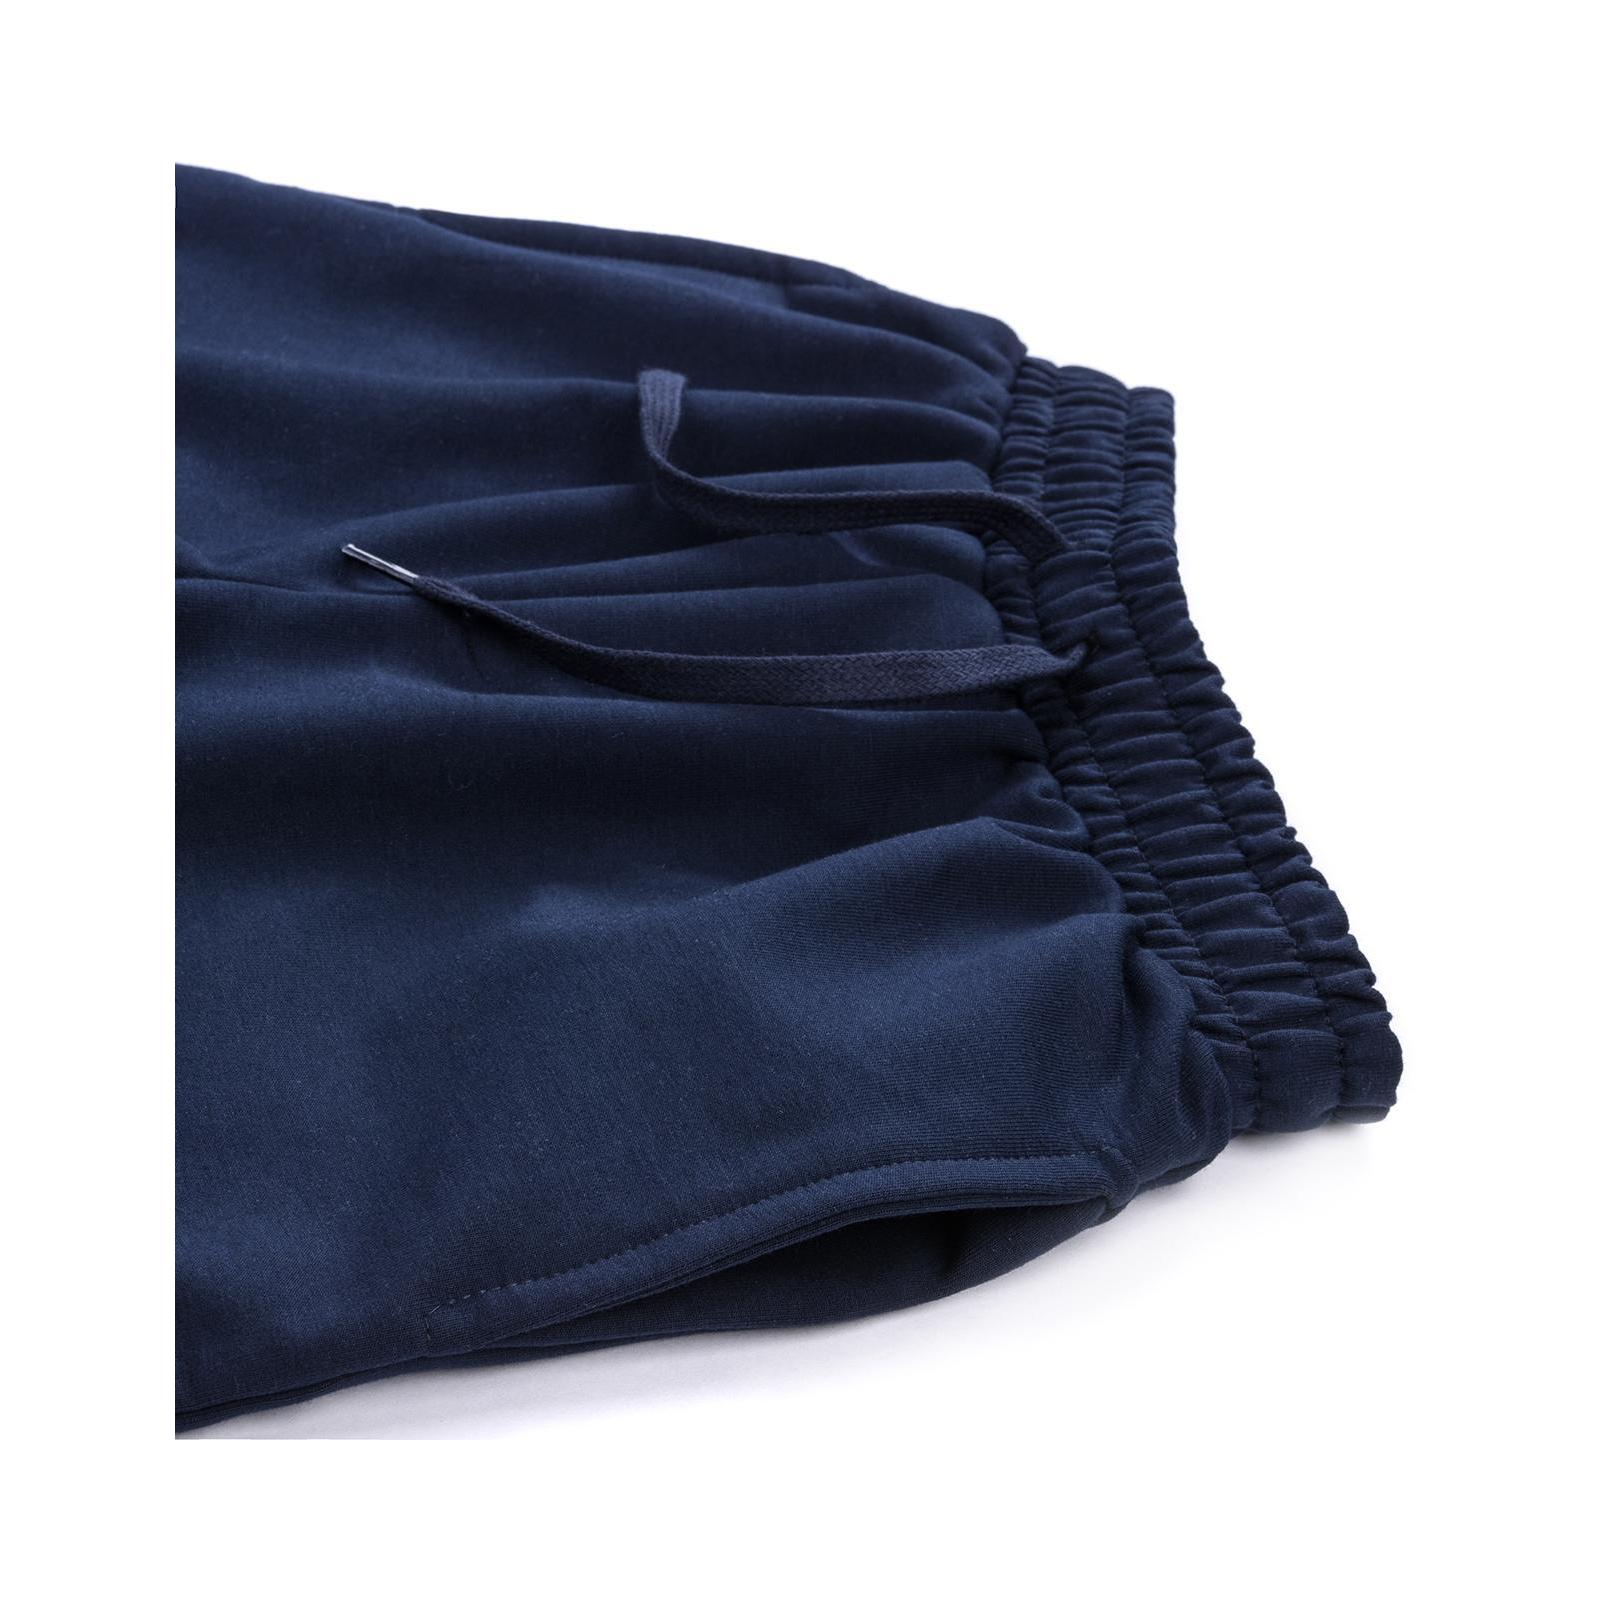 Шорты Breeze трикотажные с карманами (10755-164B-blue) изображение 5